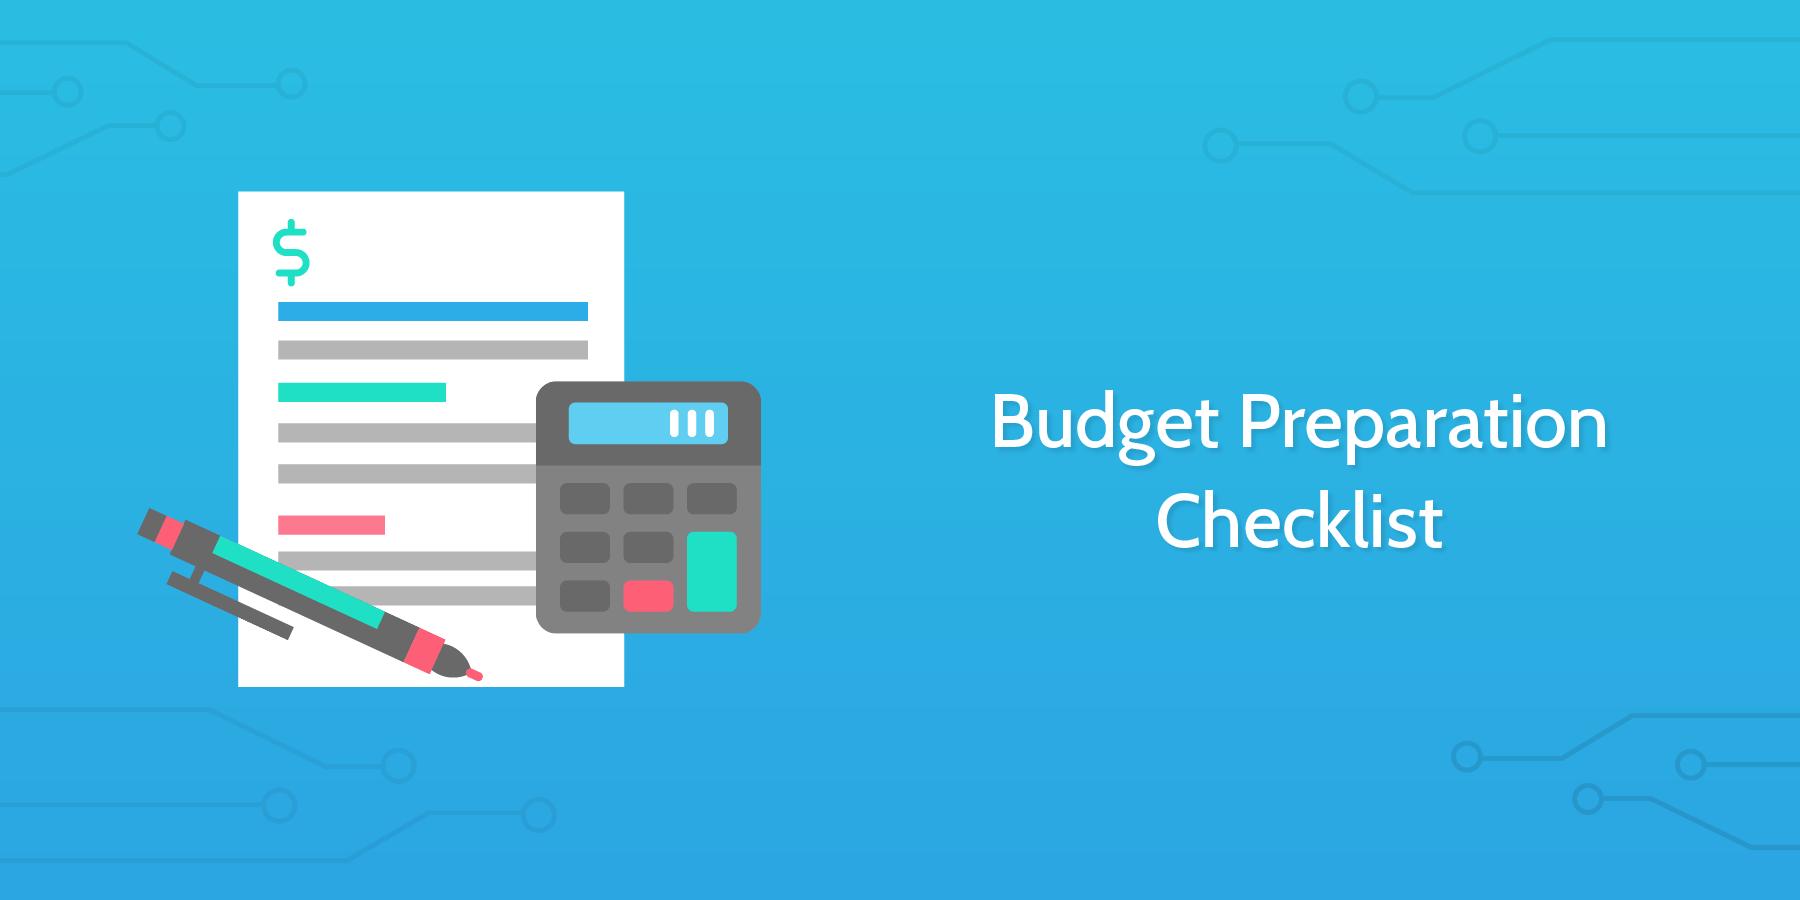 Budget Preparation Checklist